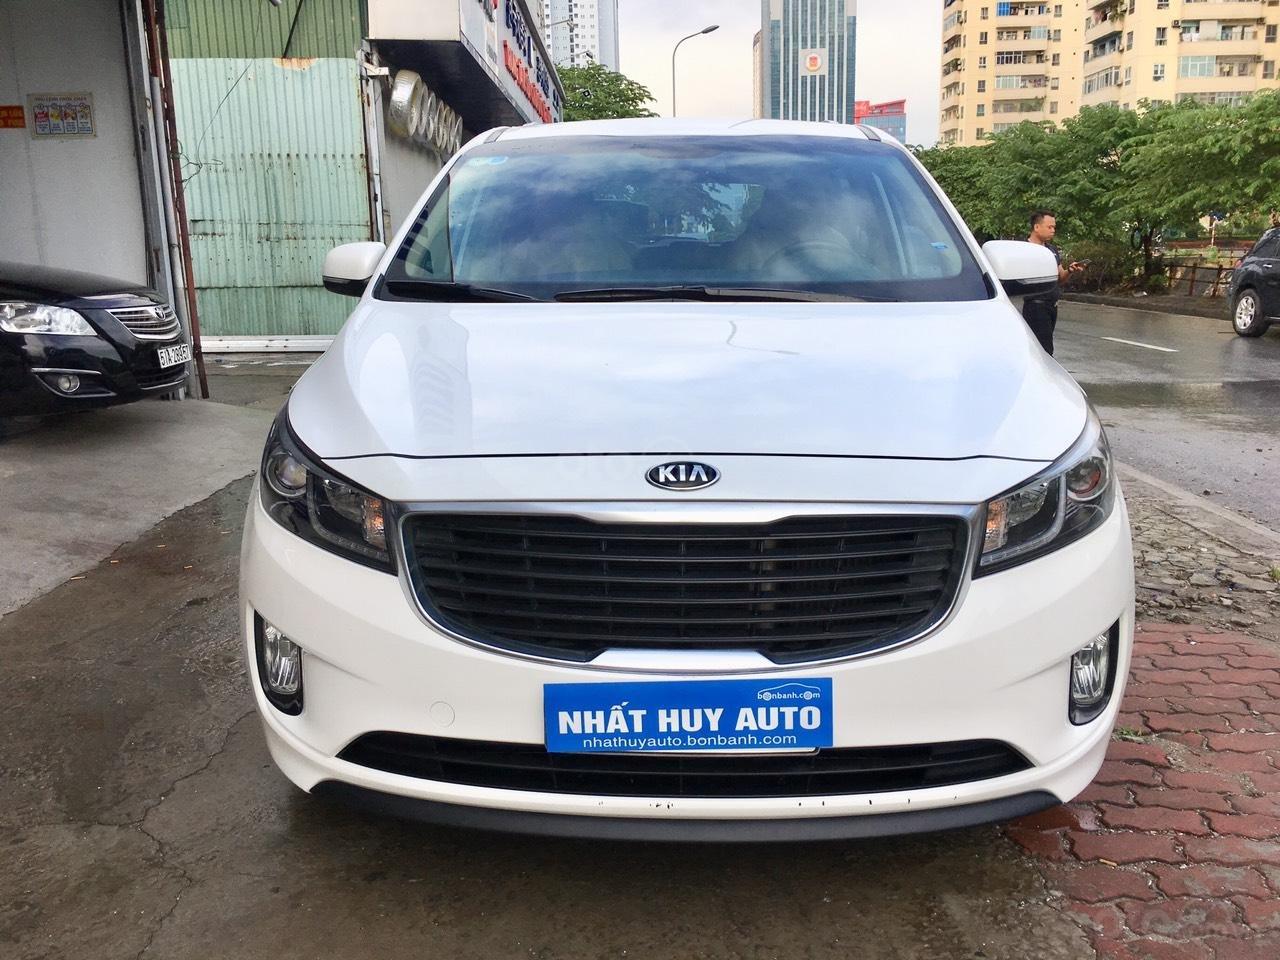 Cần bán xe Kia Sedona 2.2 DATH đời 2016, màu trắng, 890tr (1)